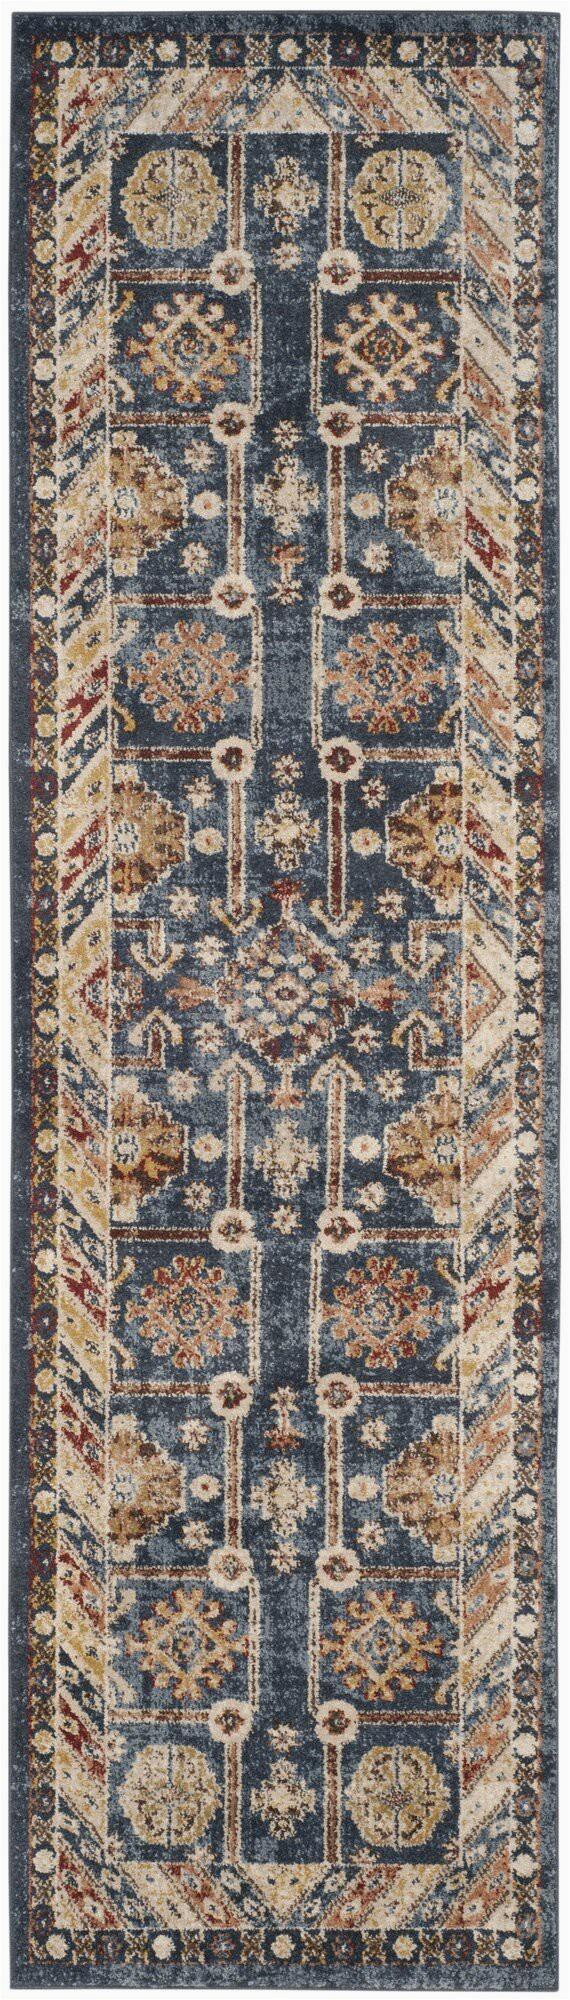 loon peak isanotski brownblue area rug lopk2538 piid=